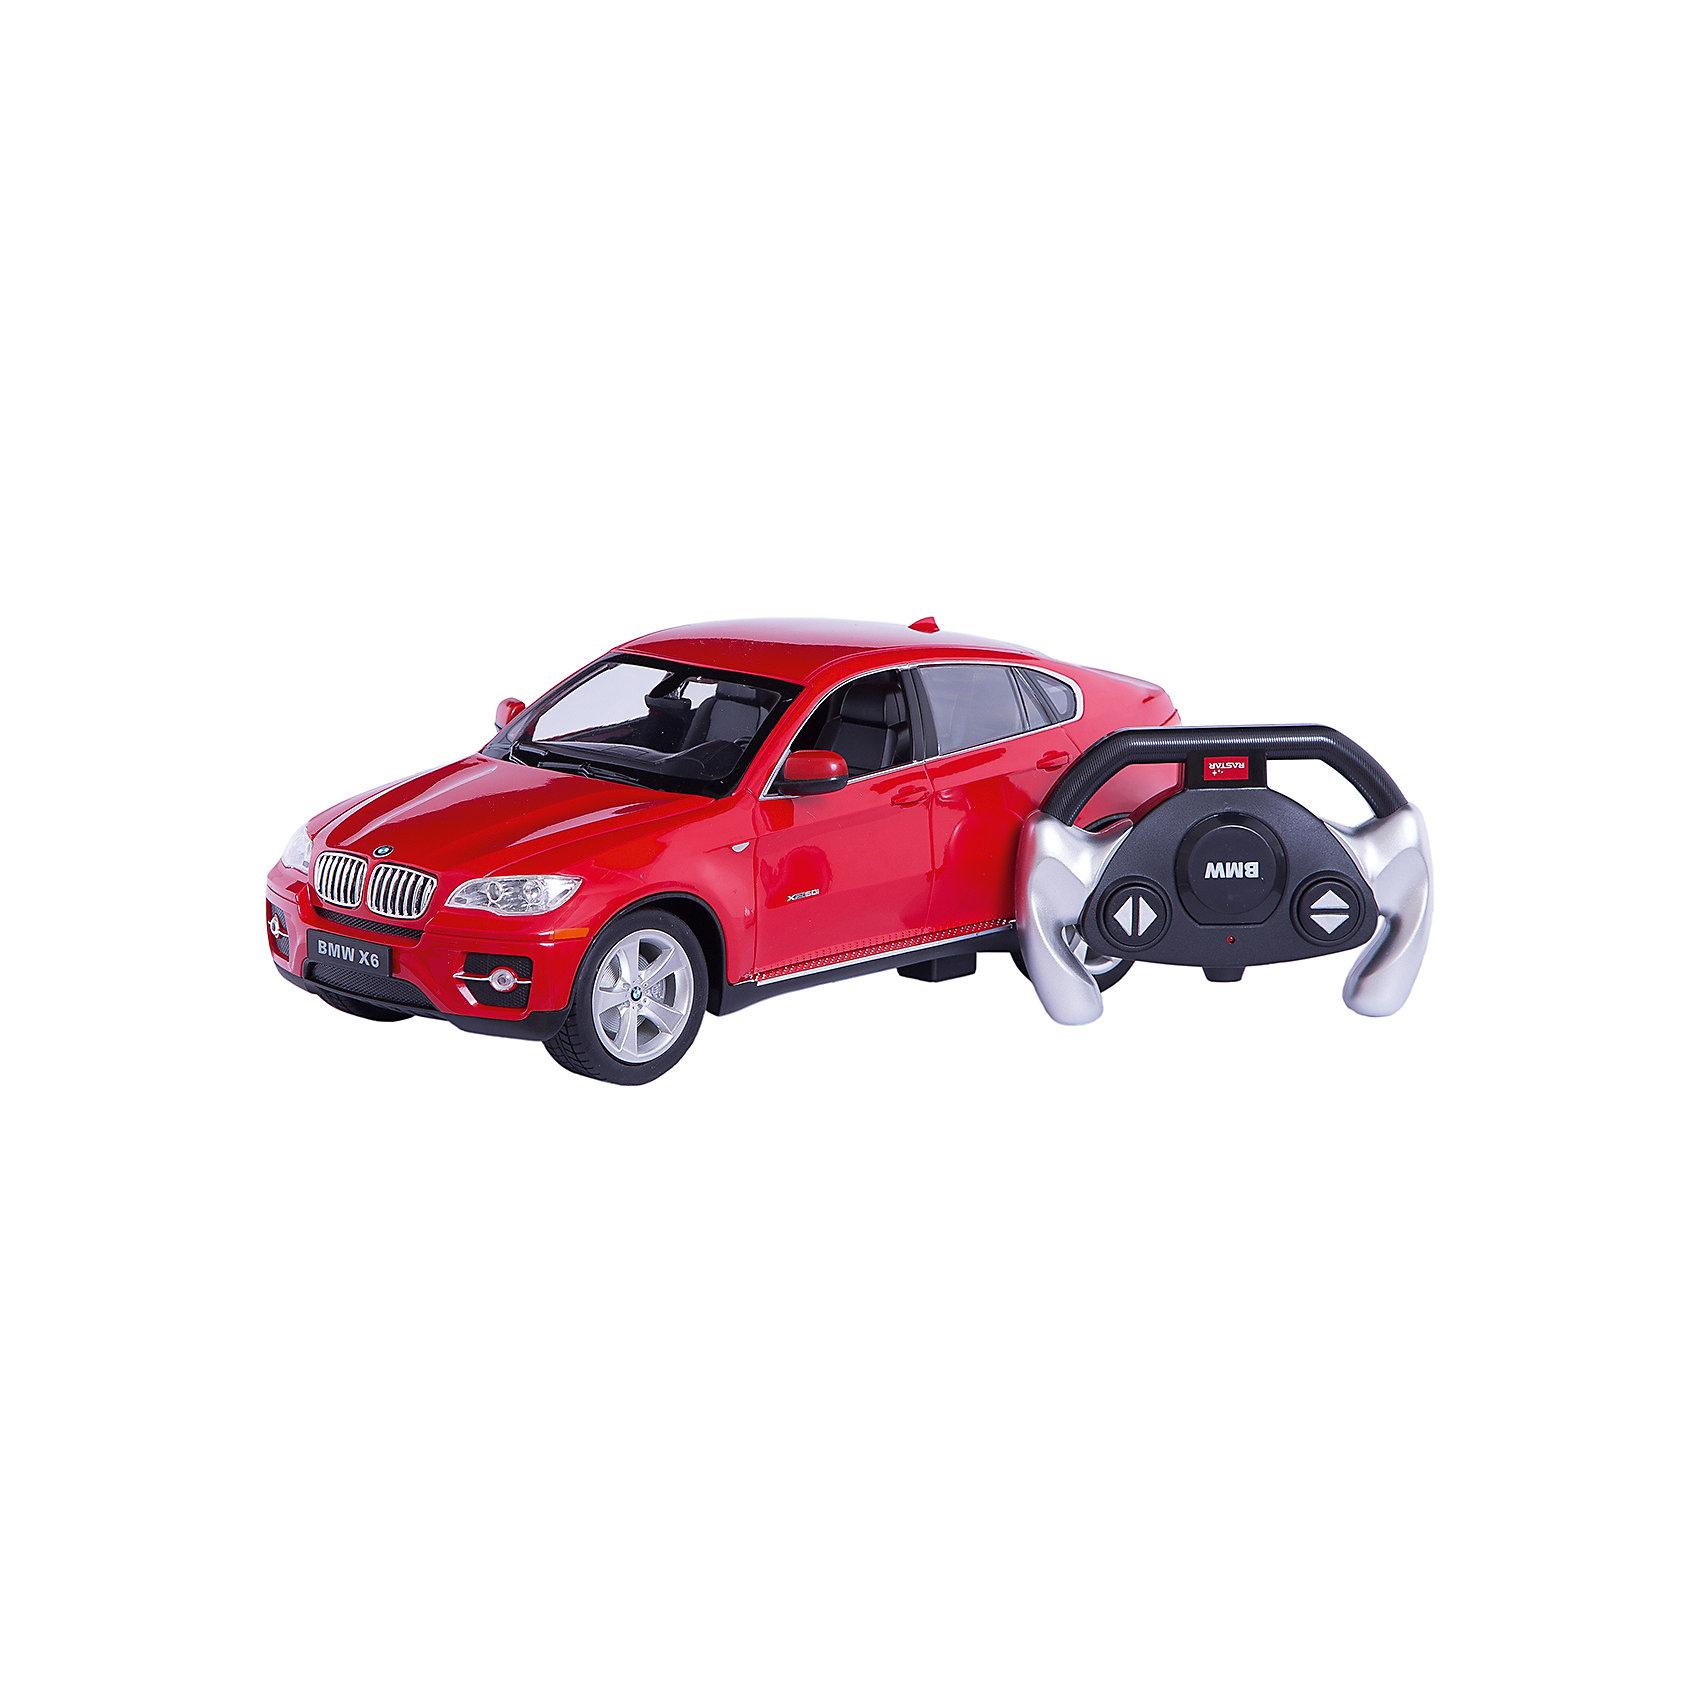 RASTAR Радиоуправляемая машина BMW X6 1:14, краснаяМашинки<br>RASTAR Радиоуправляемая машина BMW X6 1:14 - игрушка, которая наверняка приведет в восторг вашего ребенка, ведь эта радиоуправляемая машина - уменьшенная копия настоящего БМВ! <br><br>Модель выполнена в масштабе 1: 14.<br><br>Особенности игрушки:<br><br>- Работает на частоте: 27MHz; <br>- Движение вперед, назад, вправо, влево; <br>- Контроль управления: 15 - 45 метров; <br>- Развивает скорость до: 7 км/ч; <br>- Светятся фары. <br><br><br>Дополнительная информация:<br><br>- Для работы требуются батарейки: 5 Х АА (не входят в комплект).<br>- Материалы: пластик.<br>- Размер упаковки: 43х21,5х19,5 см.<br>- Вес: 1330 г.<br><br>Ширина мм: 195<br>Глубина мм: 455<br>Высота мм: 215<br>Вес г: 1360<br>Возраст от месяцев: 72<br>Возраст до месяцев: 144<br>Пол: Мужской<br>Возраст: Детский<br>SKU: 4833567